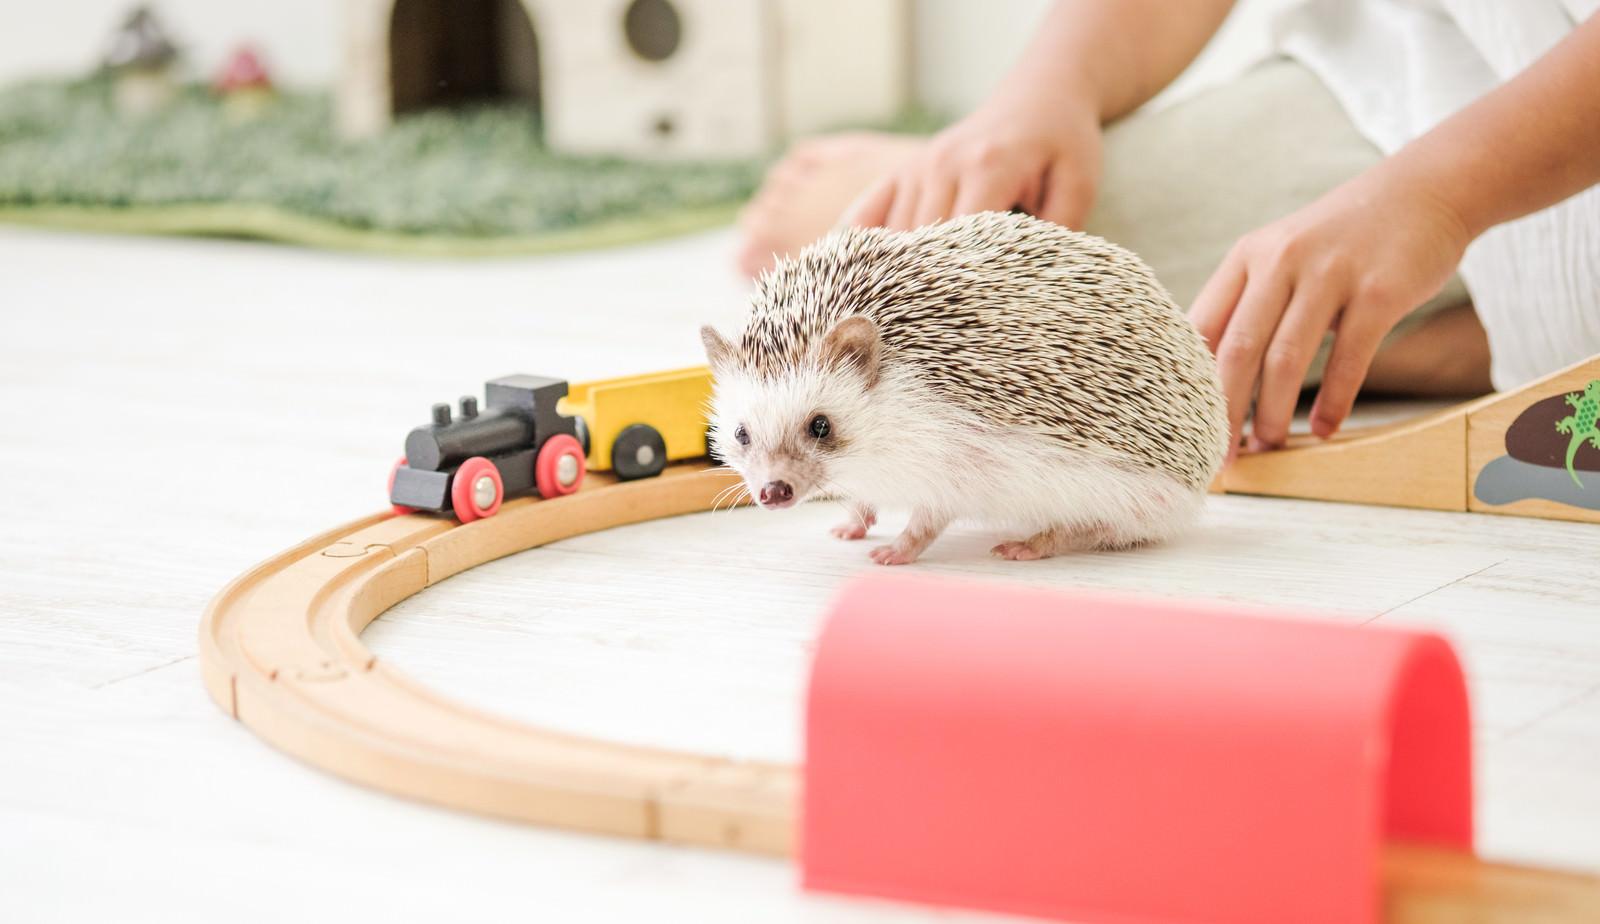 「木のレールのおもちゃで飼い主と一緒に遊ぶハリネズミ」